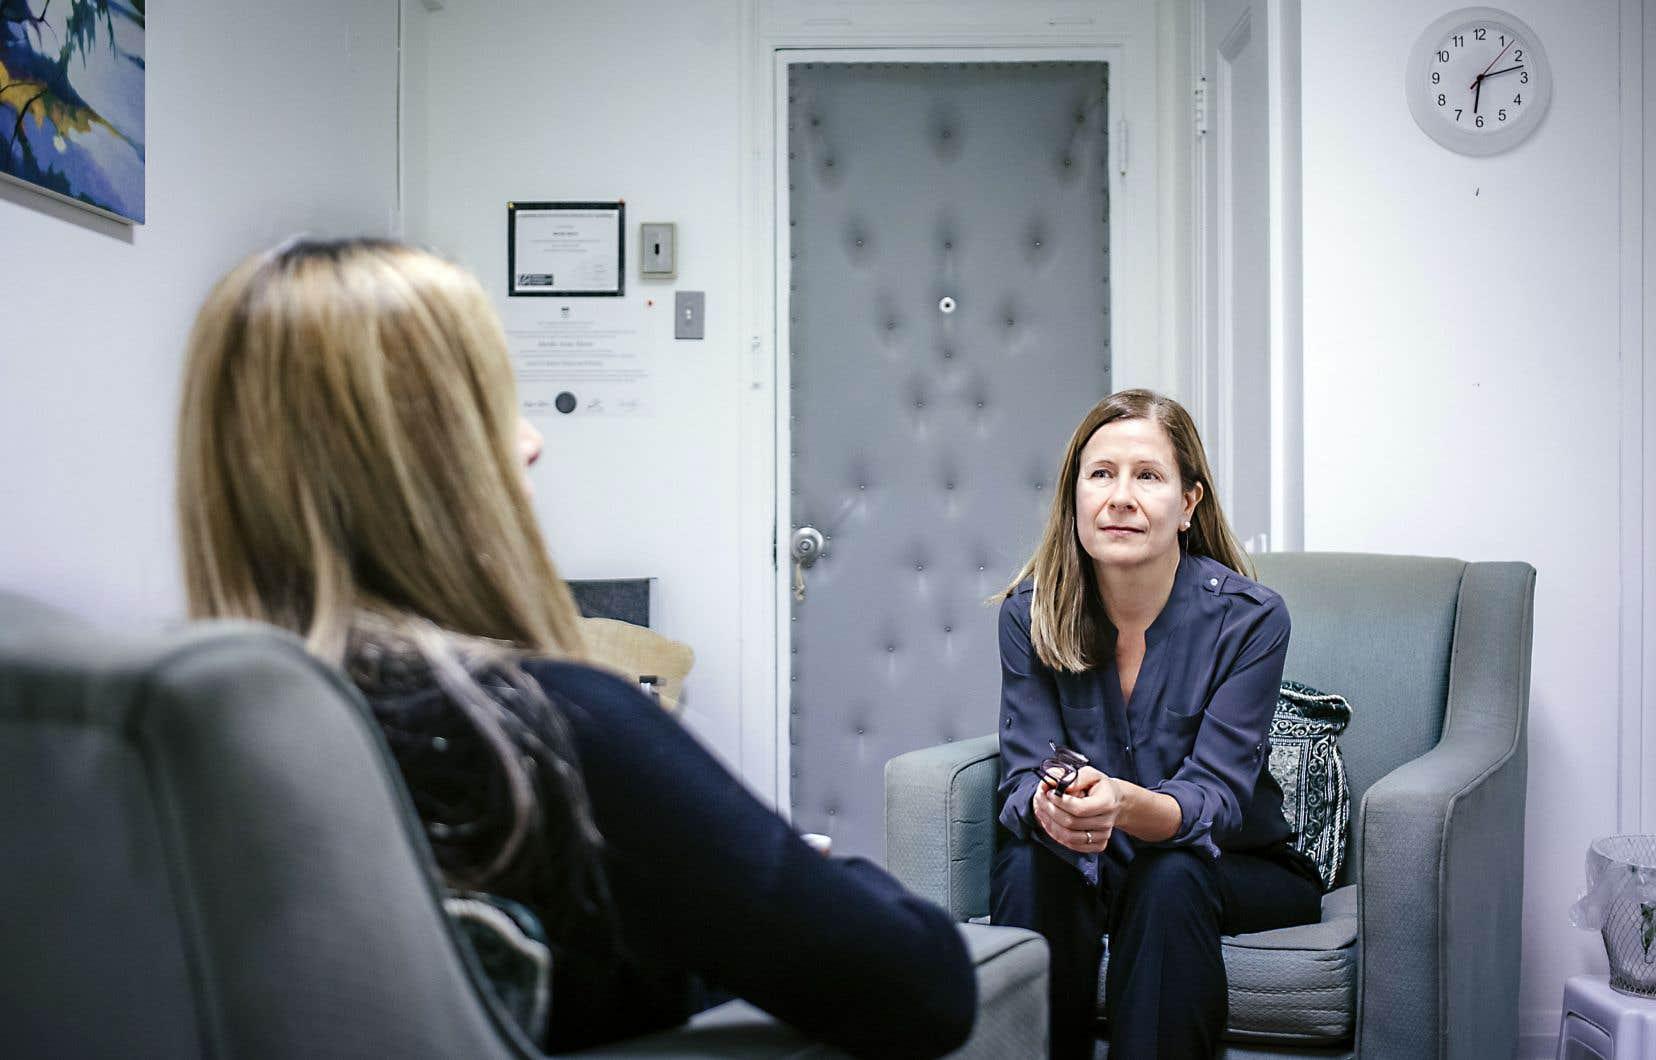 Réfugiée syrienne installée à Montréal, Sara (prénom fictif) parvient peu à peu à affronter ses peurs provoquées par des années de guerre grâce à l'aide d'une des 40 thérapeutes de l'organisme RIVO-résilience, dont Véronique Harvey (notre photo) fait partie.